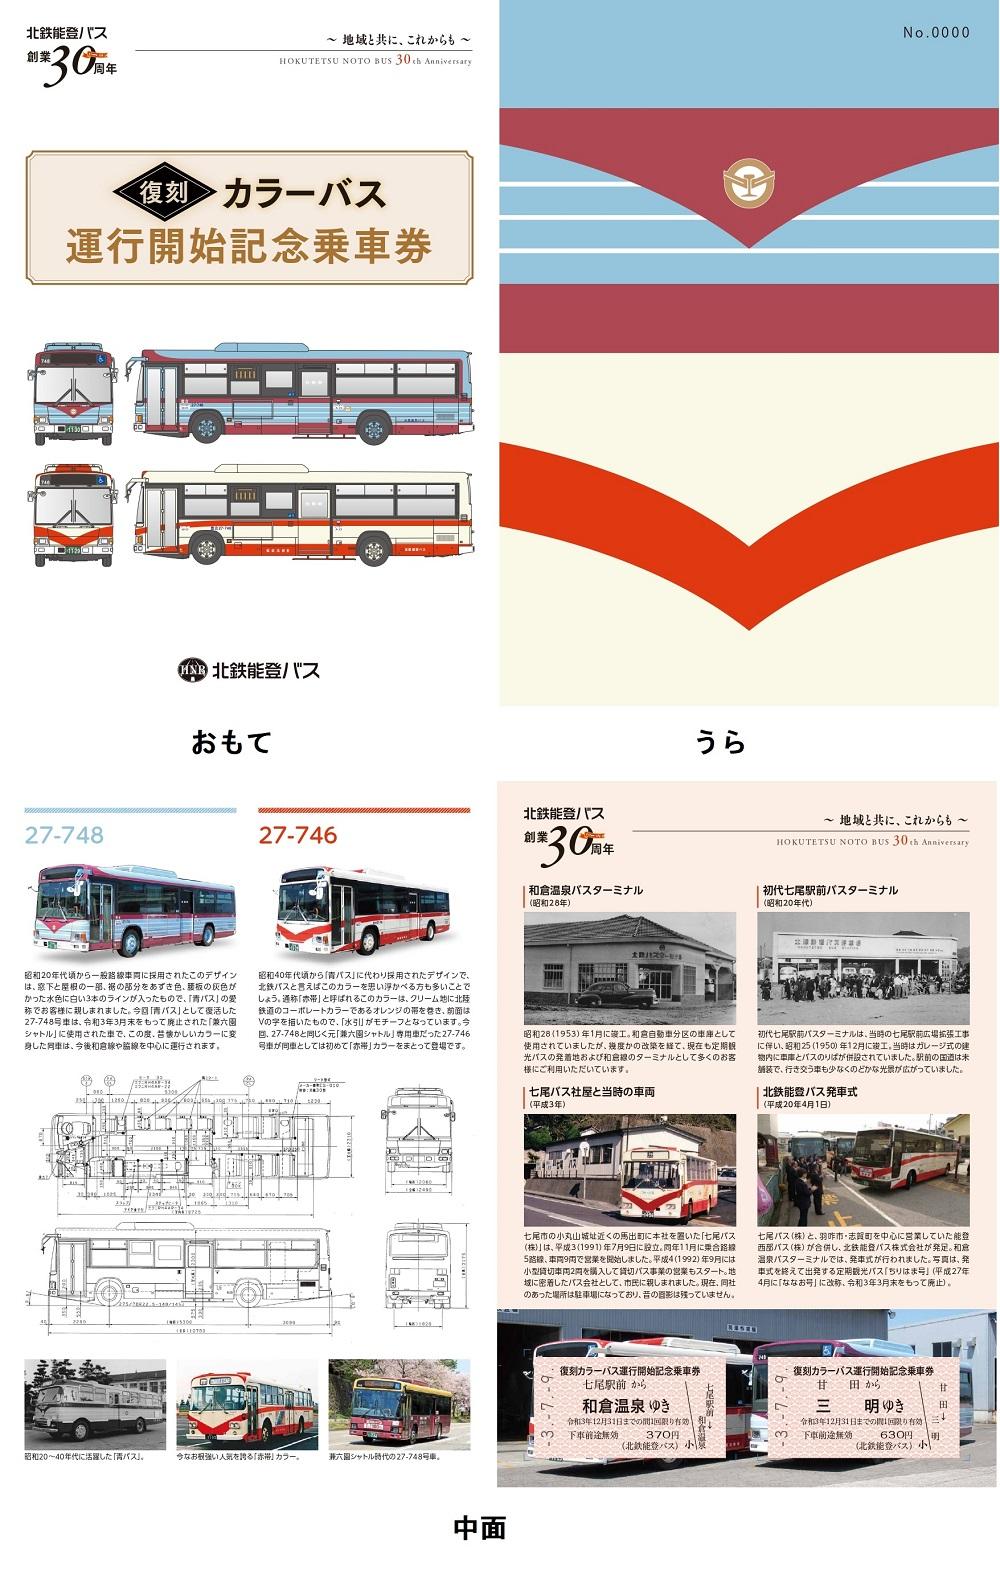 北鉄能登バス 復刻カラーバス運行開始記念乗車券